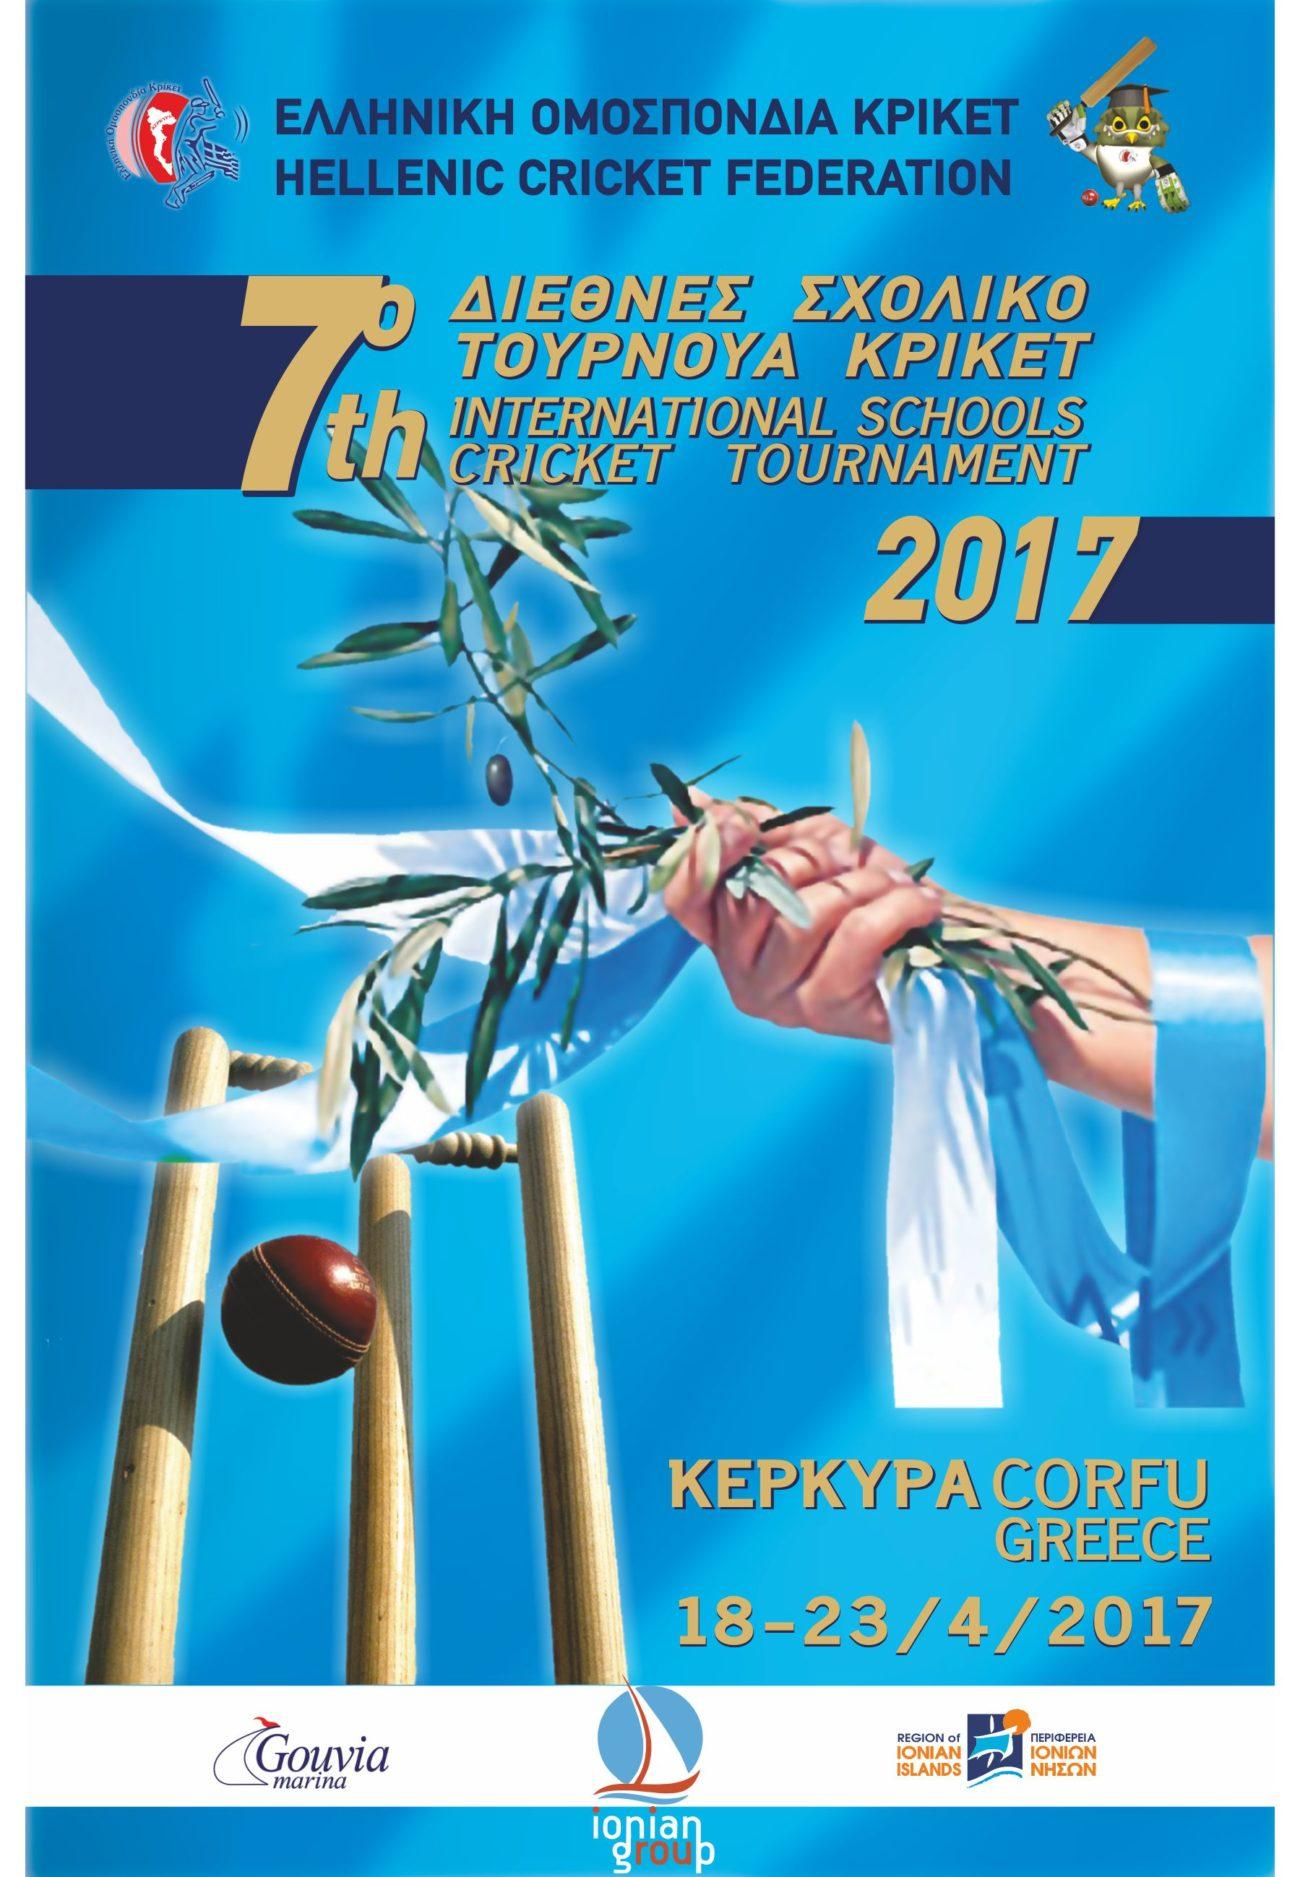 Μαθητικό Τουρνουά Κρίκετ | Ελληνική Ομοσπονδία Κρίκετ